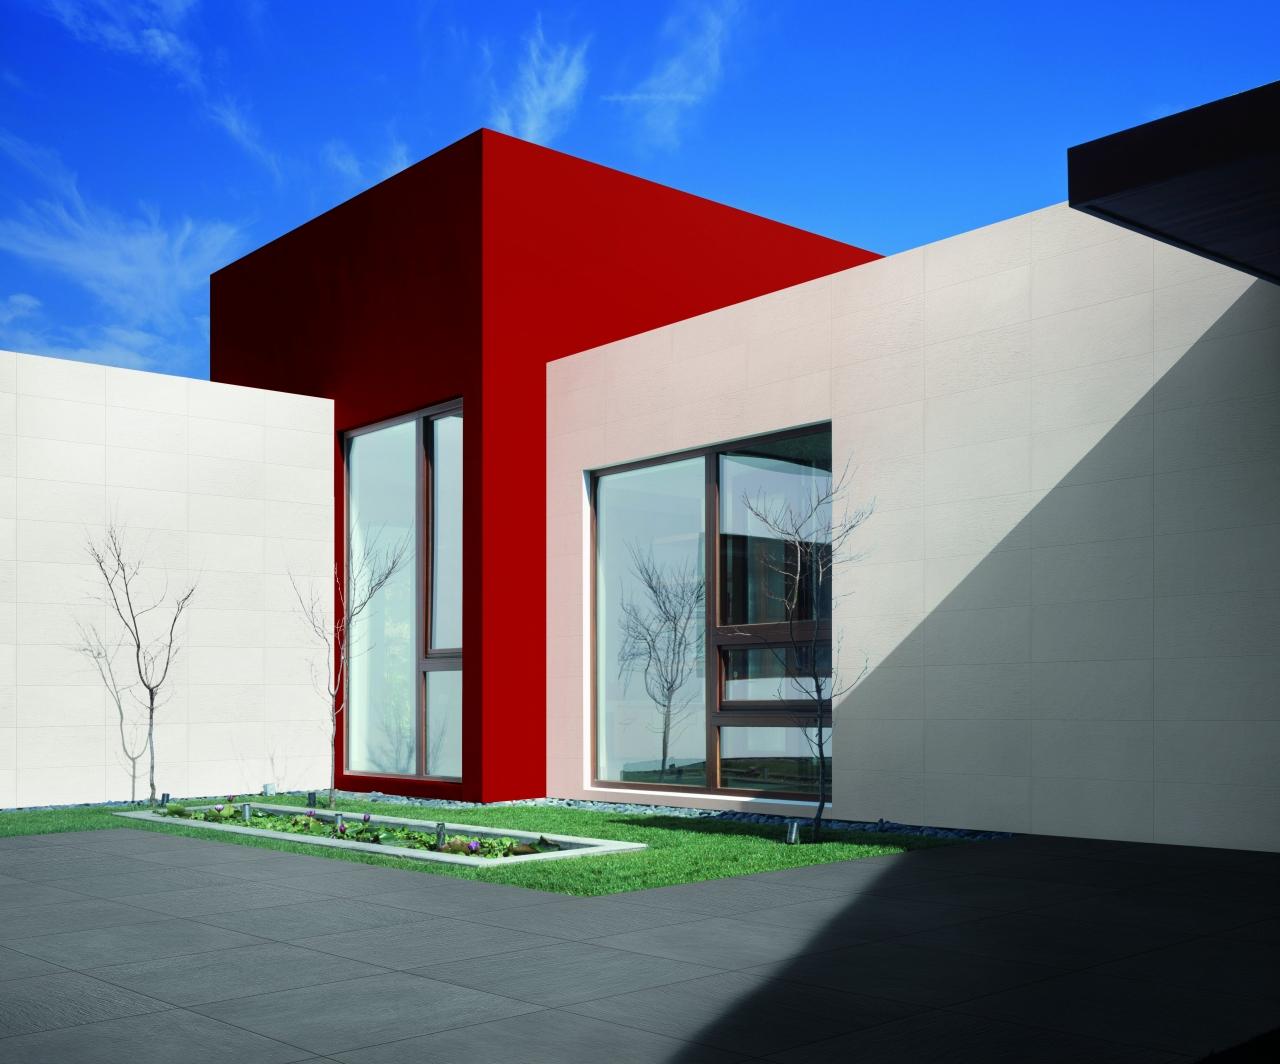 Wide - Un prodotto dal carattere moderno: alonature, nuvolature e lievi graffi intervengono sulla monocromia dell'ardesia, enfatizzandone la matericità e rinnovandola con un linguaggio attuale. Grazie alle dimensioni importanti (120x240, 120x120, 60x120) e alla versione OUT2.0 (60x60), Wide è ideale per sviluppare grandi progetti per luoghi di forte transito e per ambienti di rappresentanza/hospitality, mentre i formati più piccoli (60x60 e 30x60) trovano perfetta collocazione anche in ambito residenziale. La gamma presenta cinque colorazioni – un bianco, due grigi, un nero, un fango – sia nella versione liscia che in quella strutturata da esterno, più due tinte in OUT2.0.